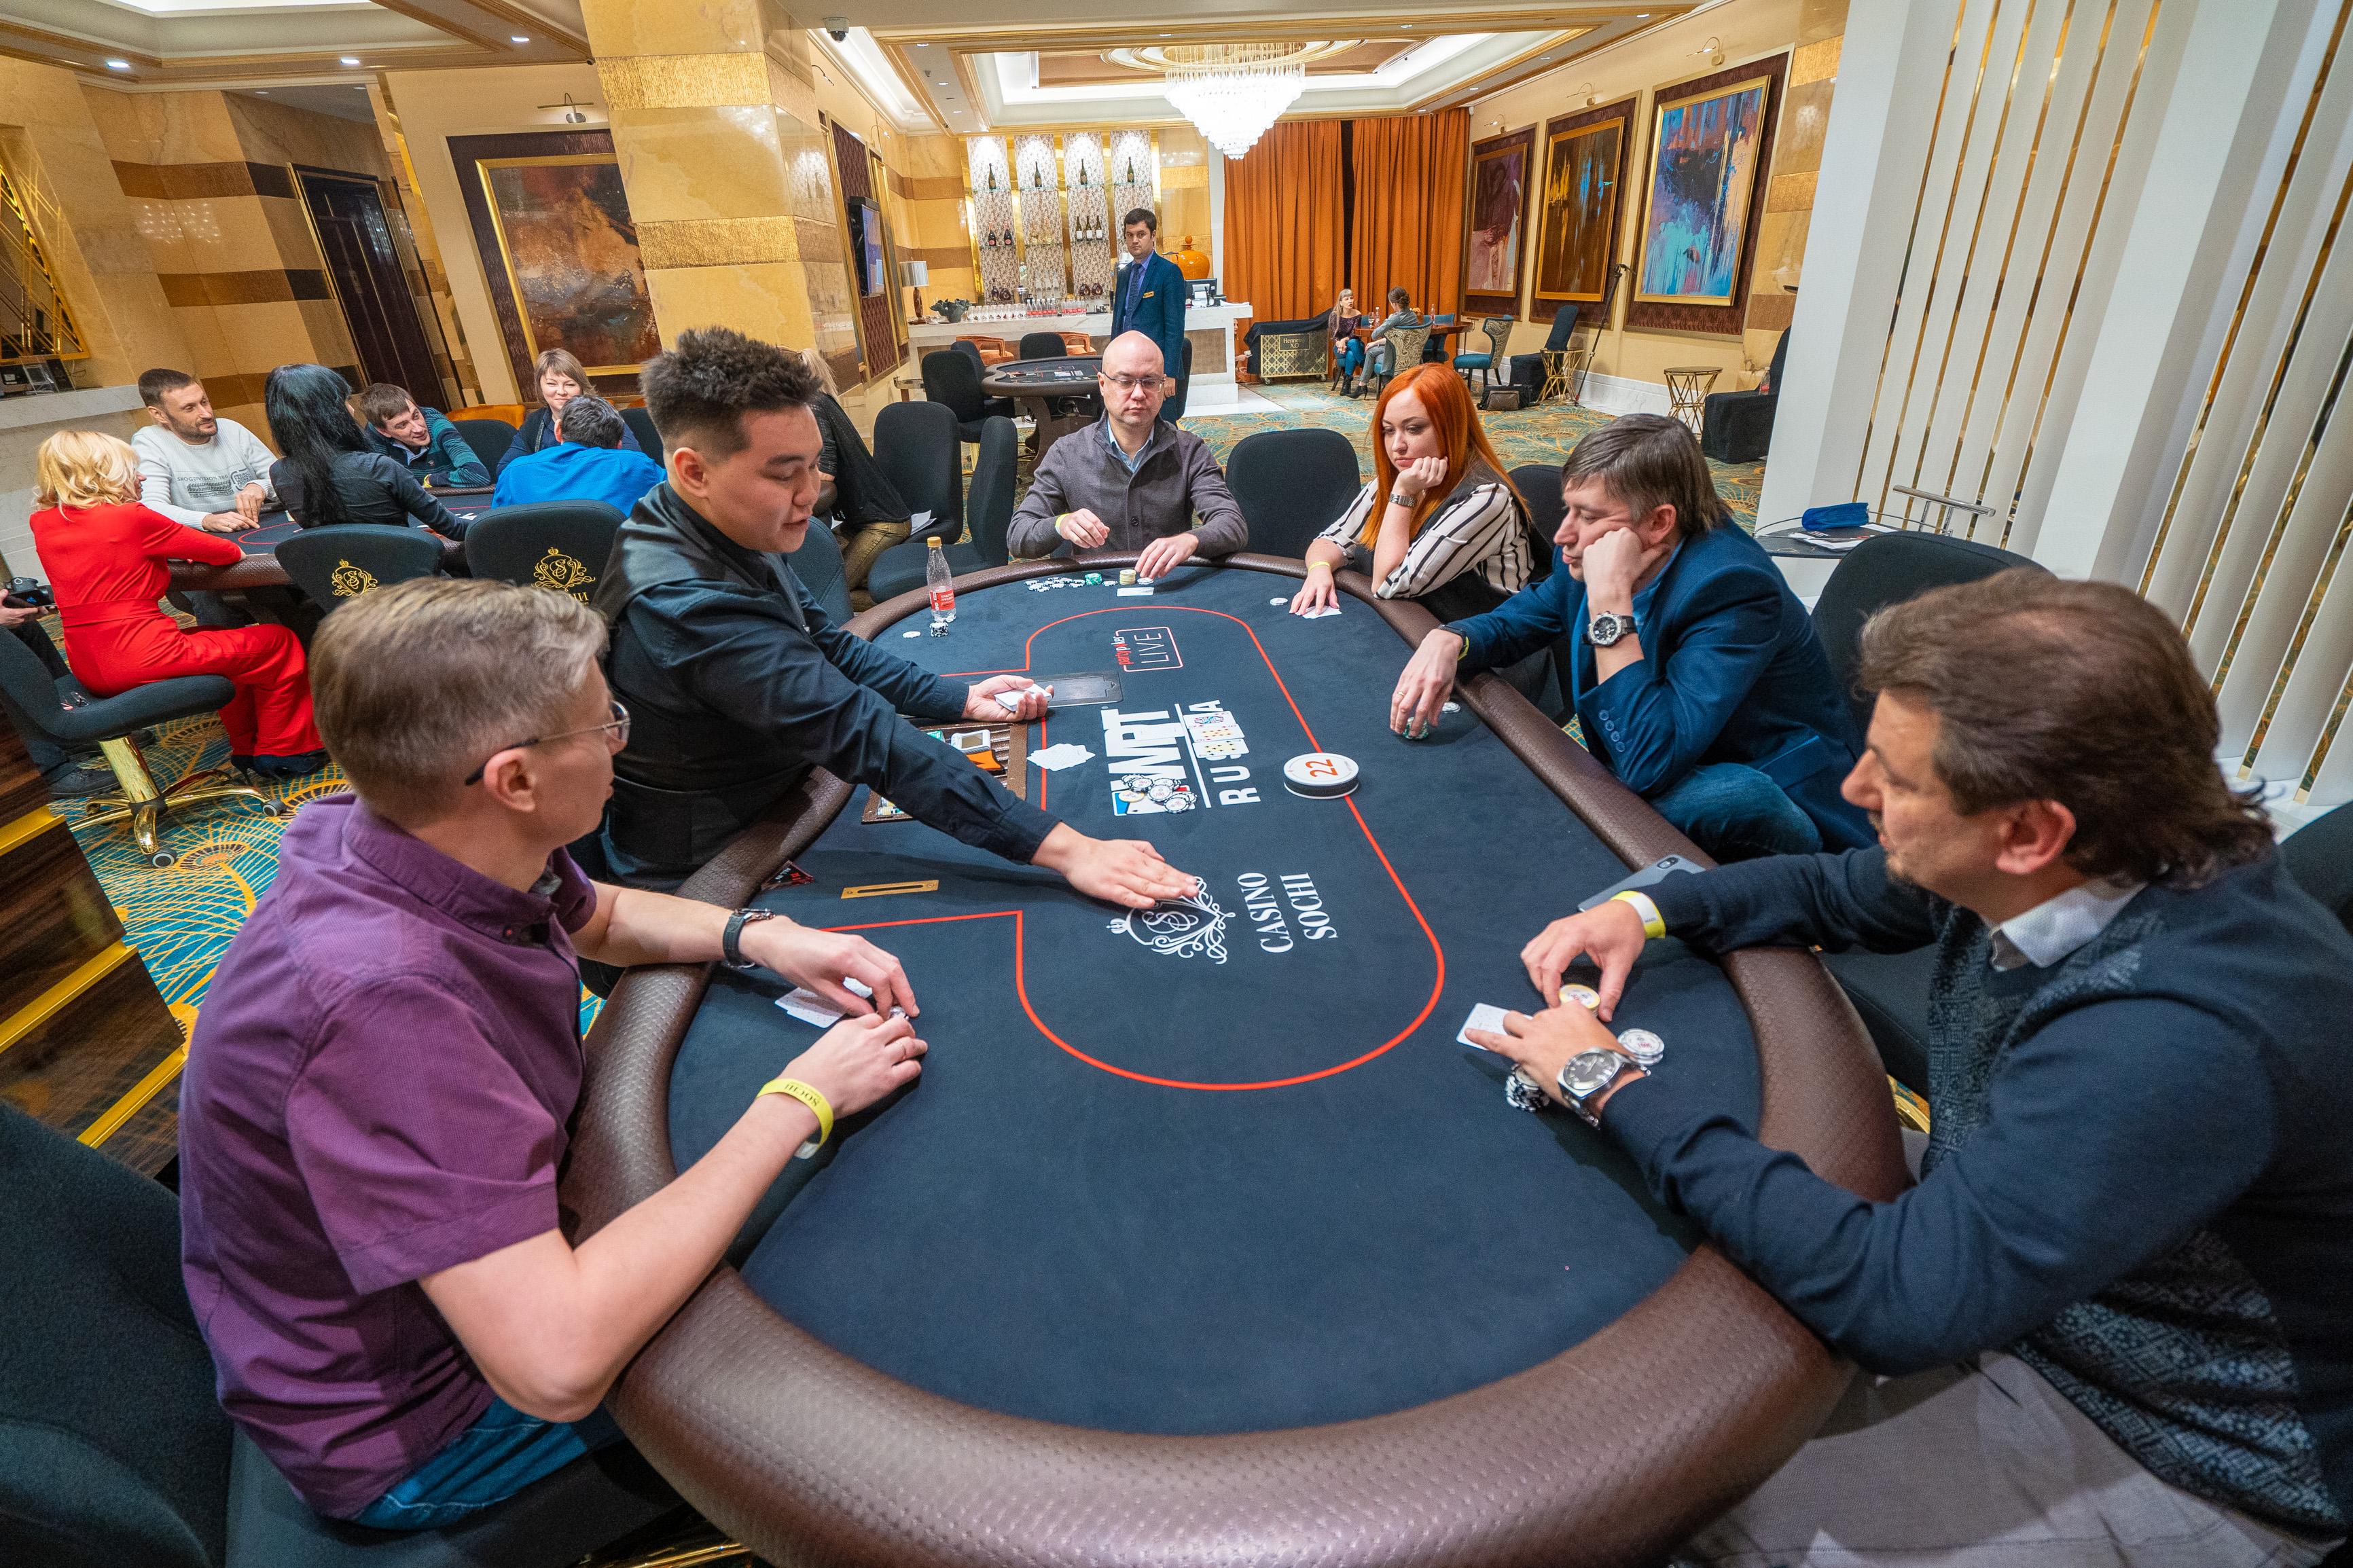 Турниры в казино сочи казино оракул отзывы 2020